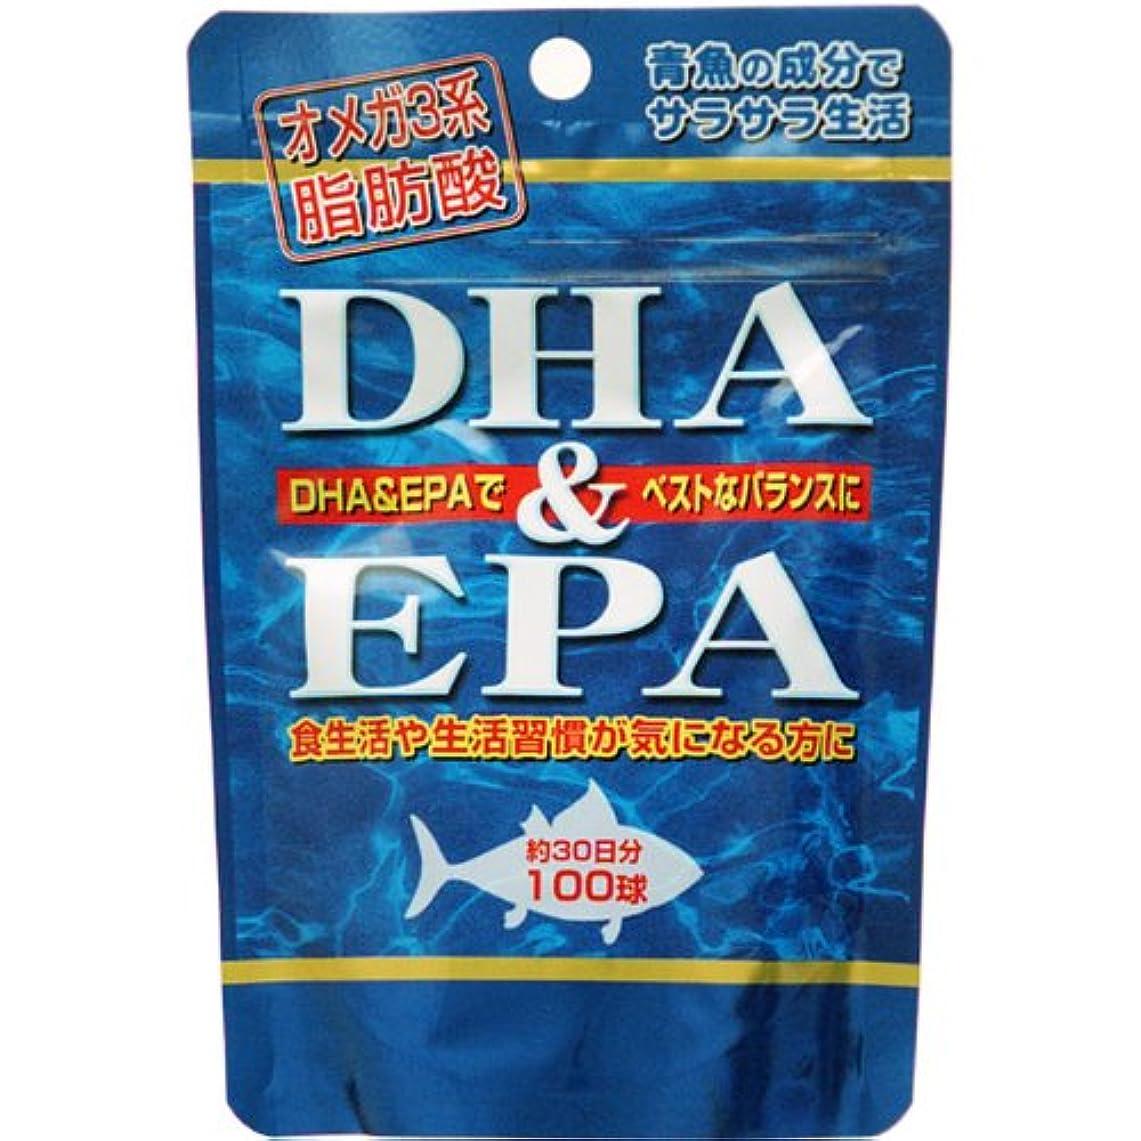 年齢下ちっちゃいDHA(ドコサヘキサエン酸)&EPA(エイコサペンタエン酸)×5